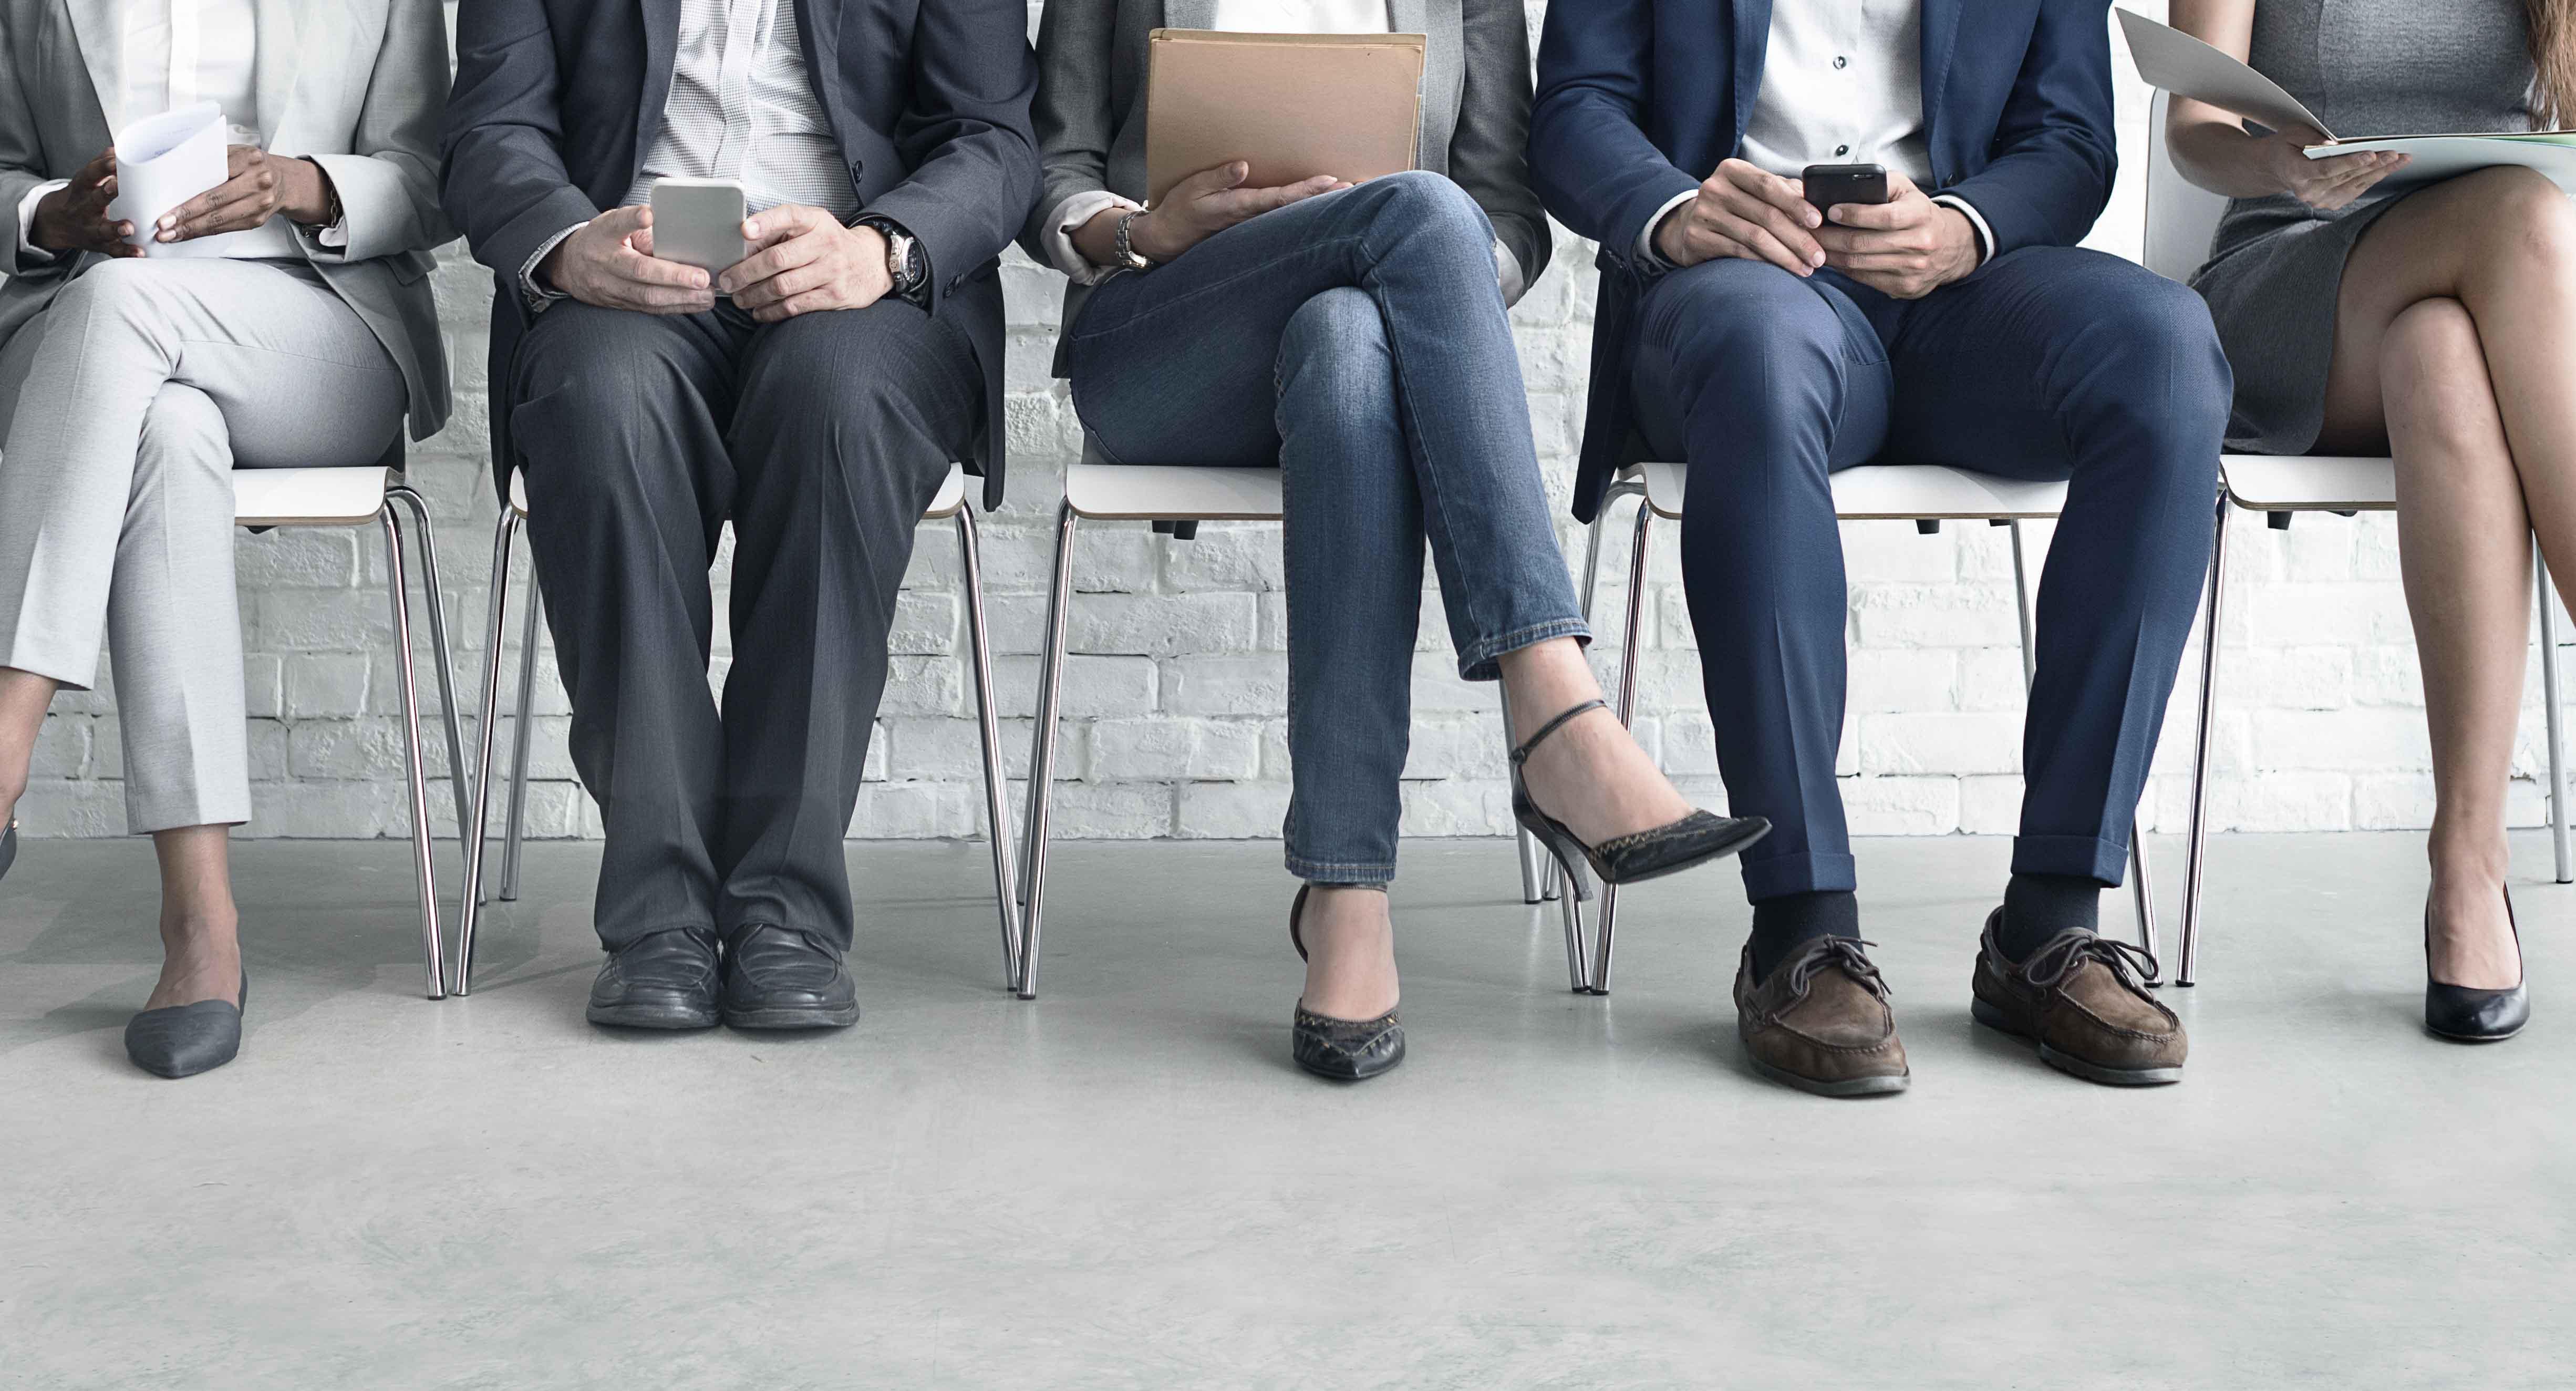 Pies de gente esperando una entrevista de trabajo